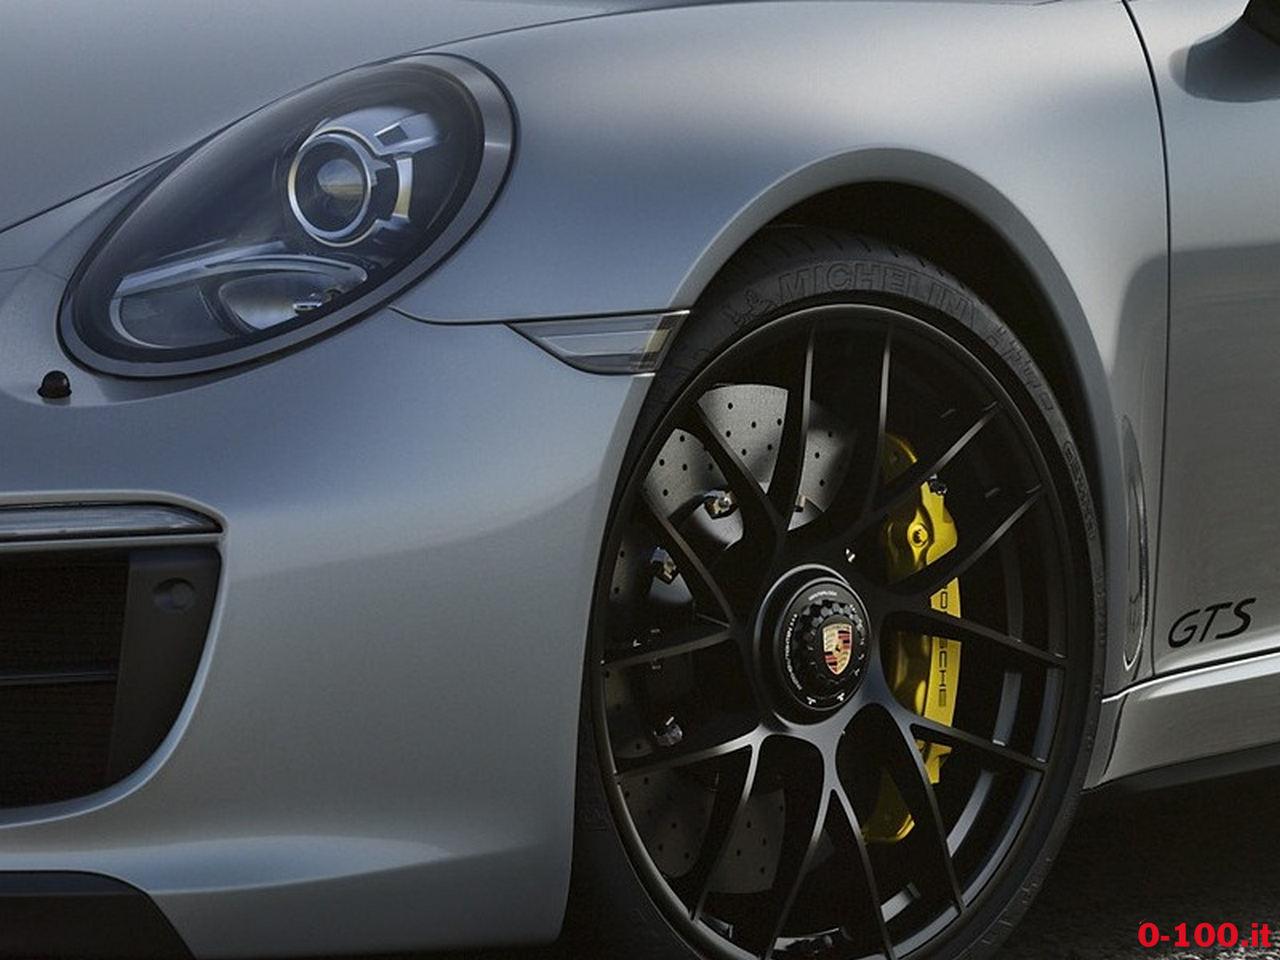 porsche_911-991-carrera-4-gts-coupe-targa-cabriolet-0-100_21